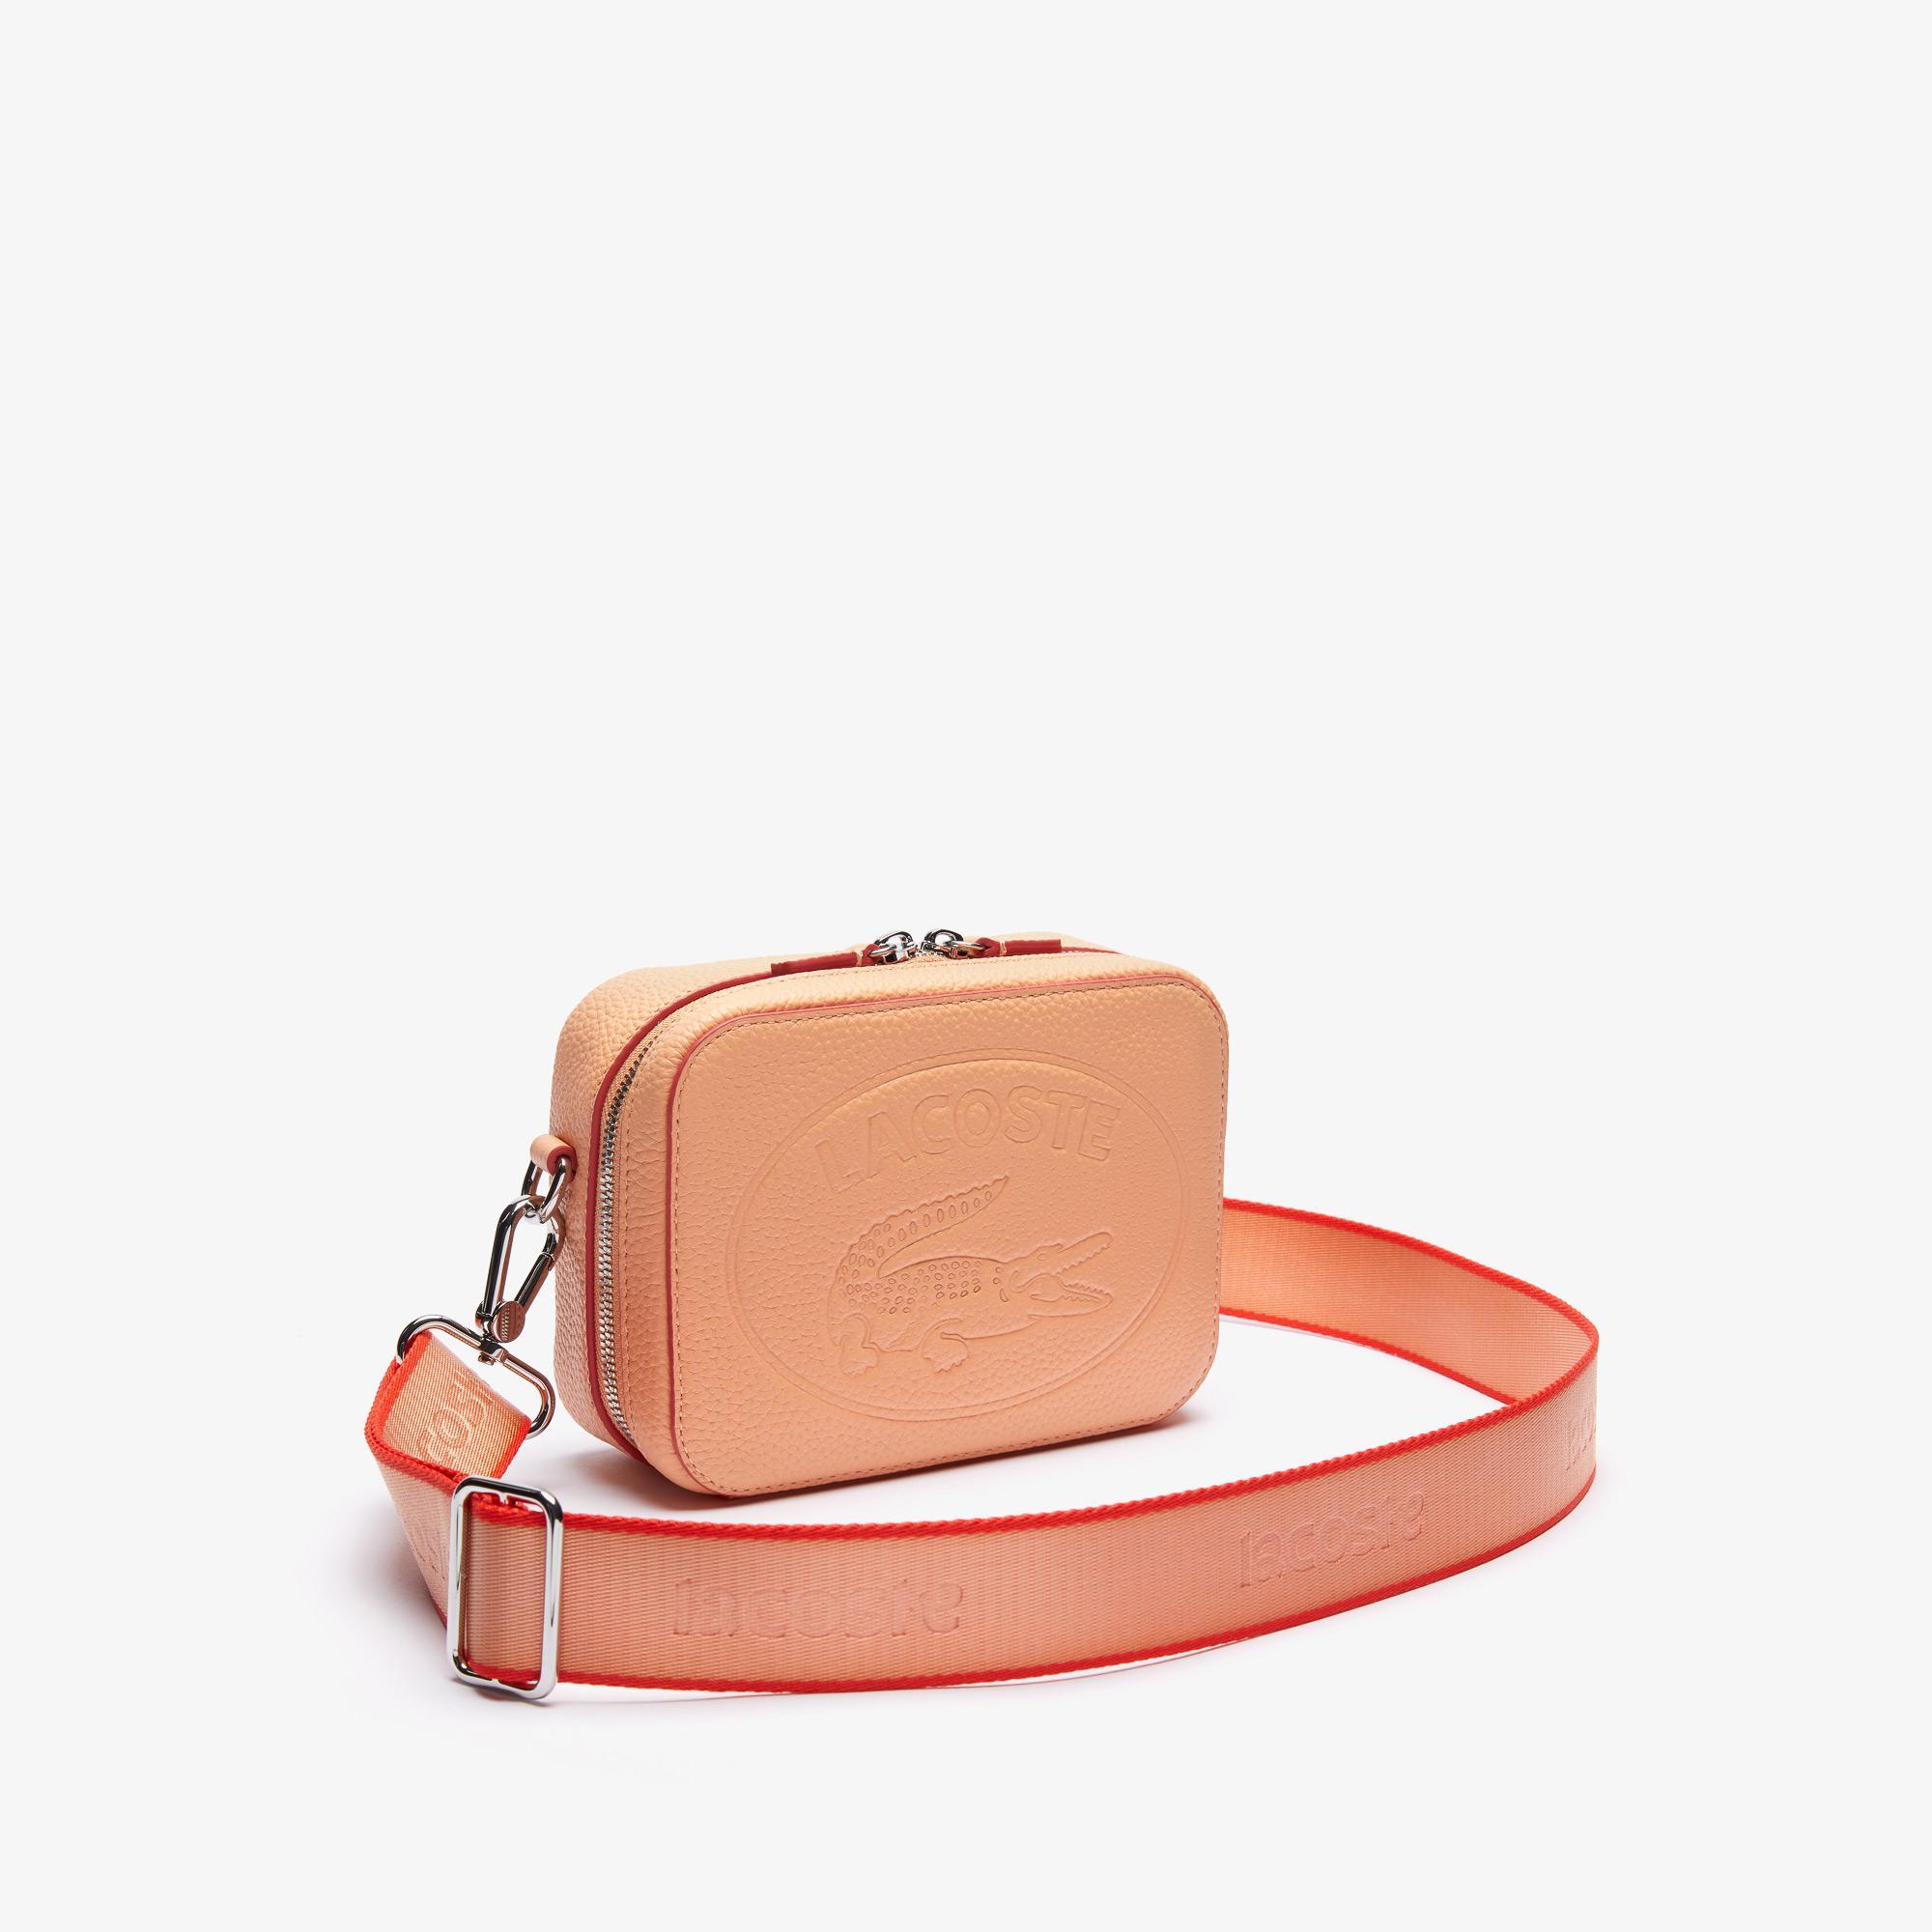 Lacoste Women's Croco Crew Detachable Shoulder Strap Grained Leather Bag